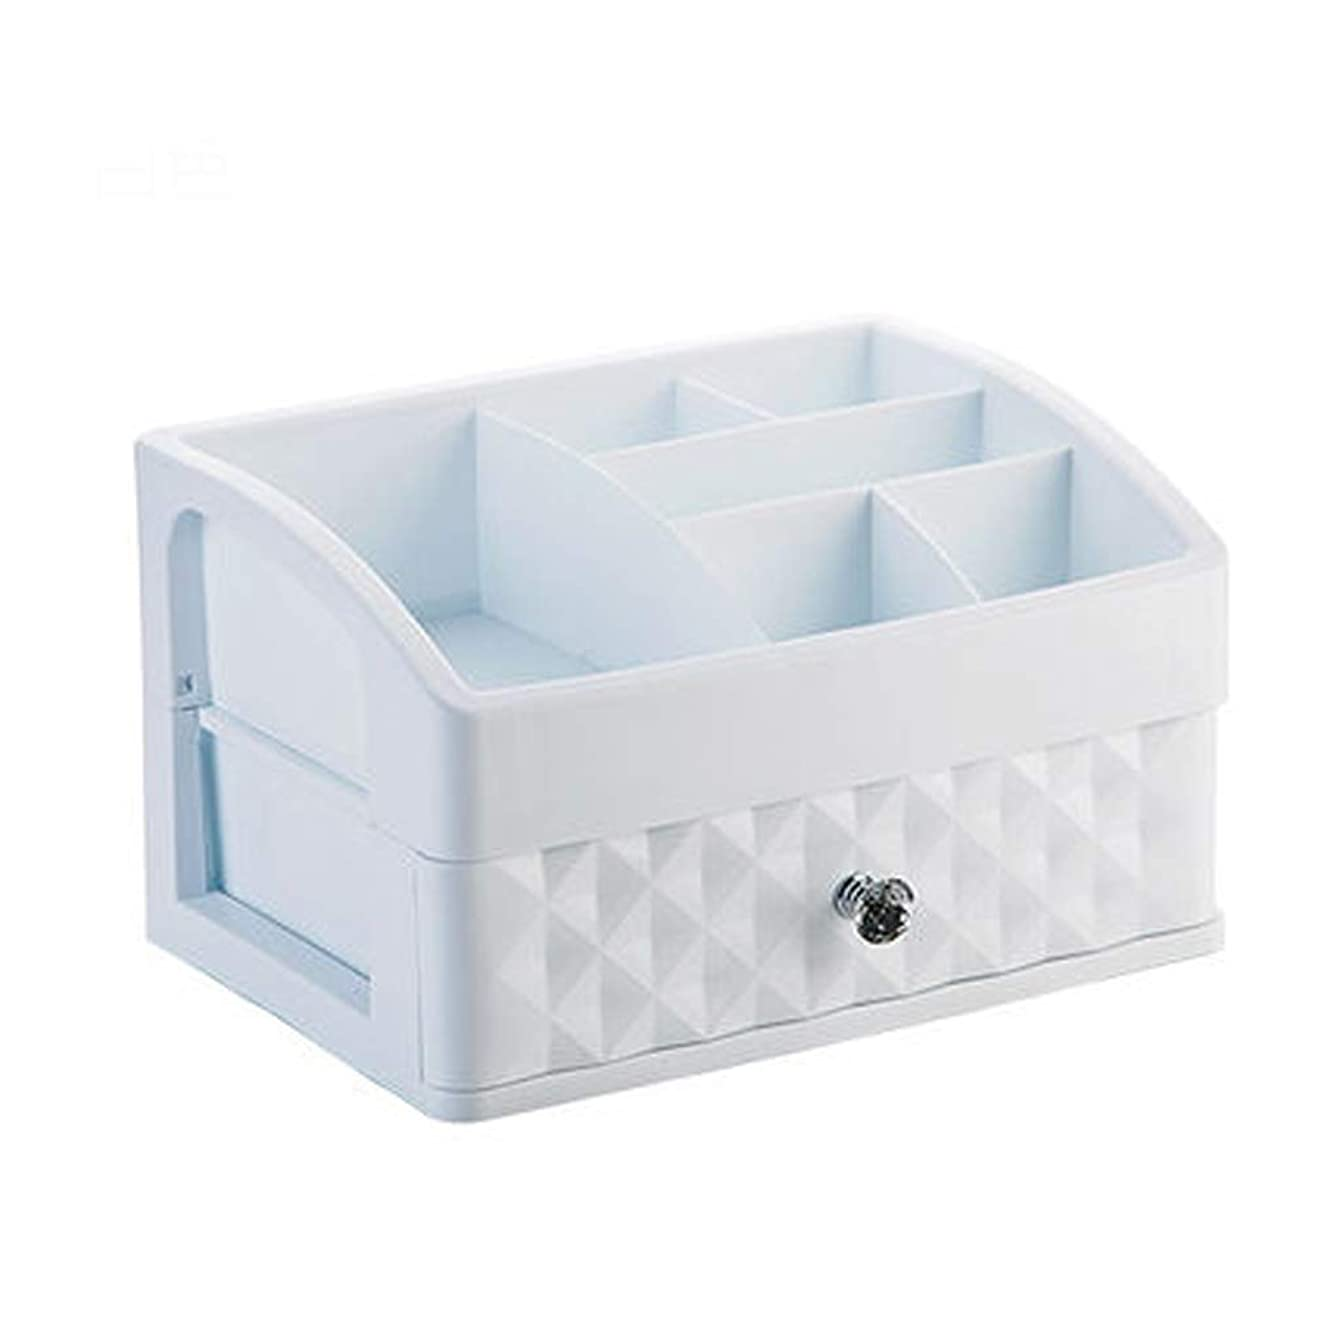 日付鏡会計士プラスチックシンプルな化粧品収納ボックスデスクトップ口紅ジュエリースキンケア製品収納ディスプレイボックス27.3 * 19.6 * 15.7 cm(色:白)